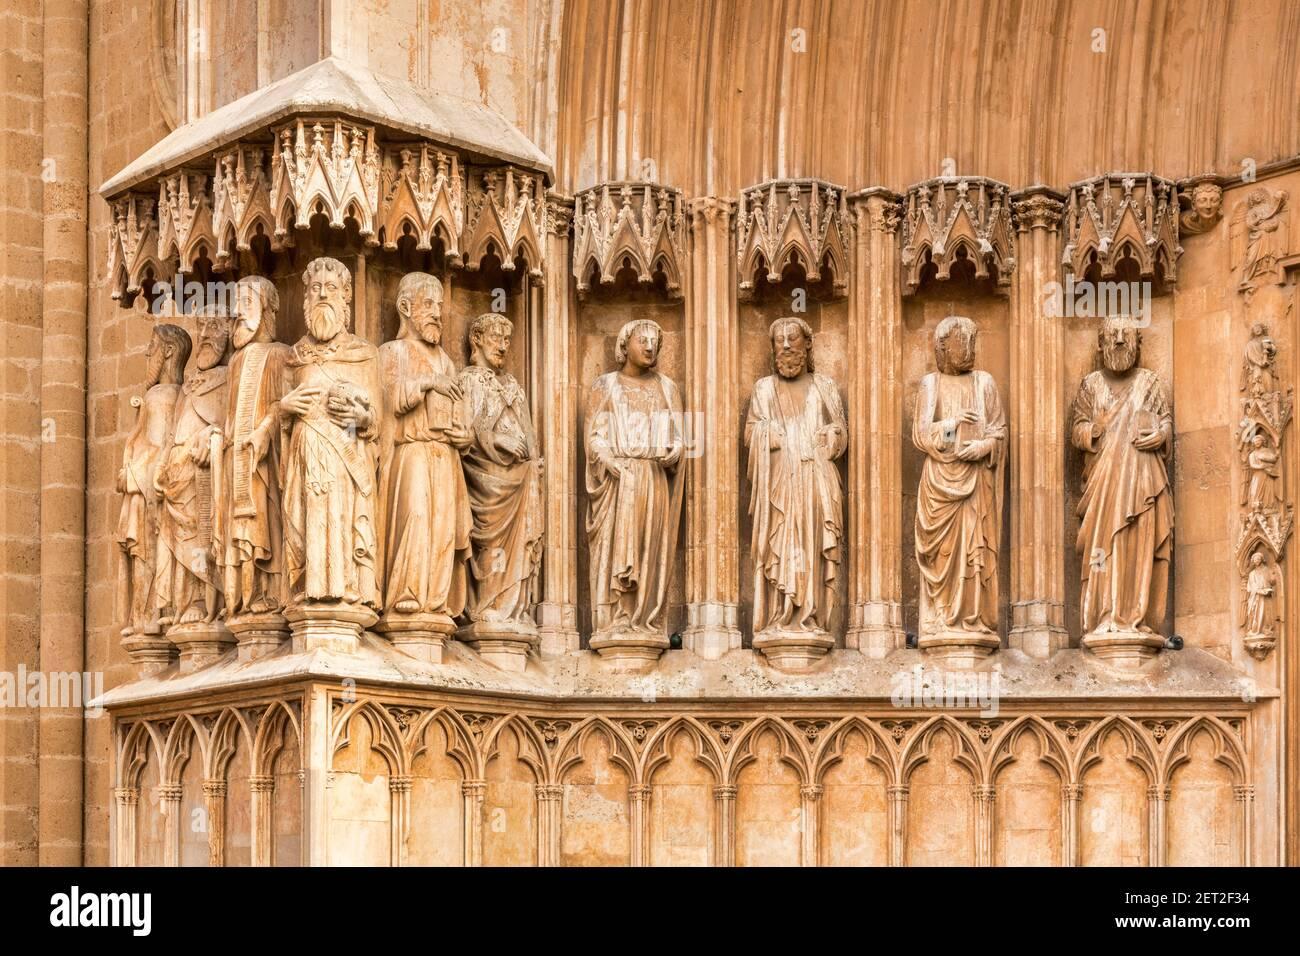 Detalle del friso en la fachada sureste de la Catedral Metropolitana de Tarragona desde Pla de la Seu en Tarragona, España. Foto de stock